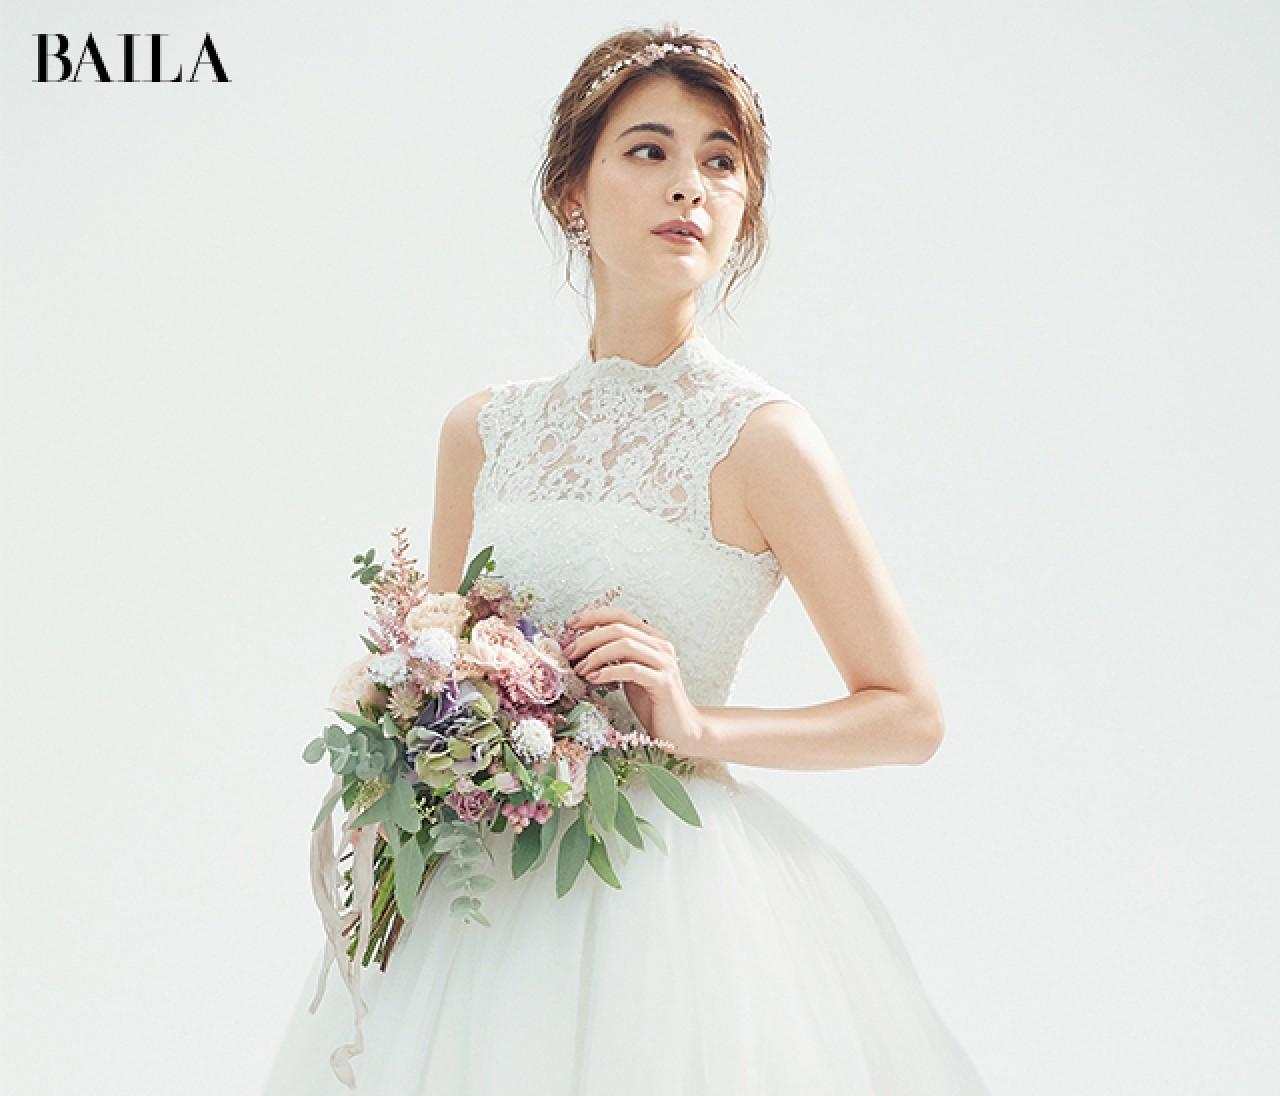 ロマンチックなプリンセスドレスに、乙女心くすぐる【ピンクの小物】をオン!